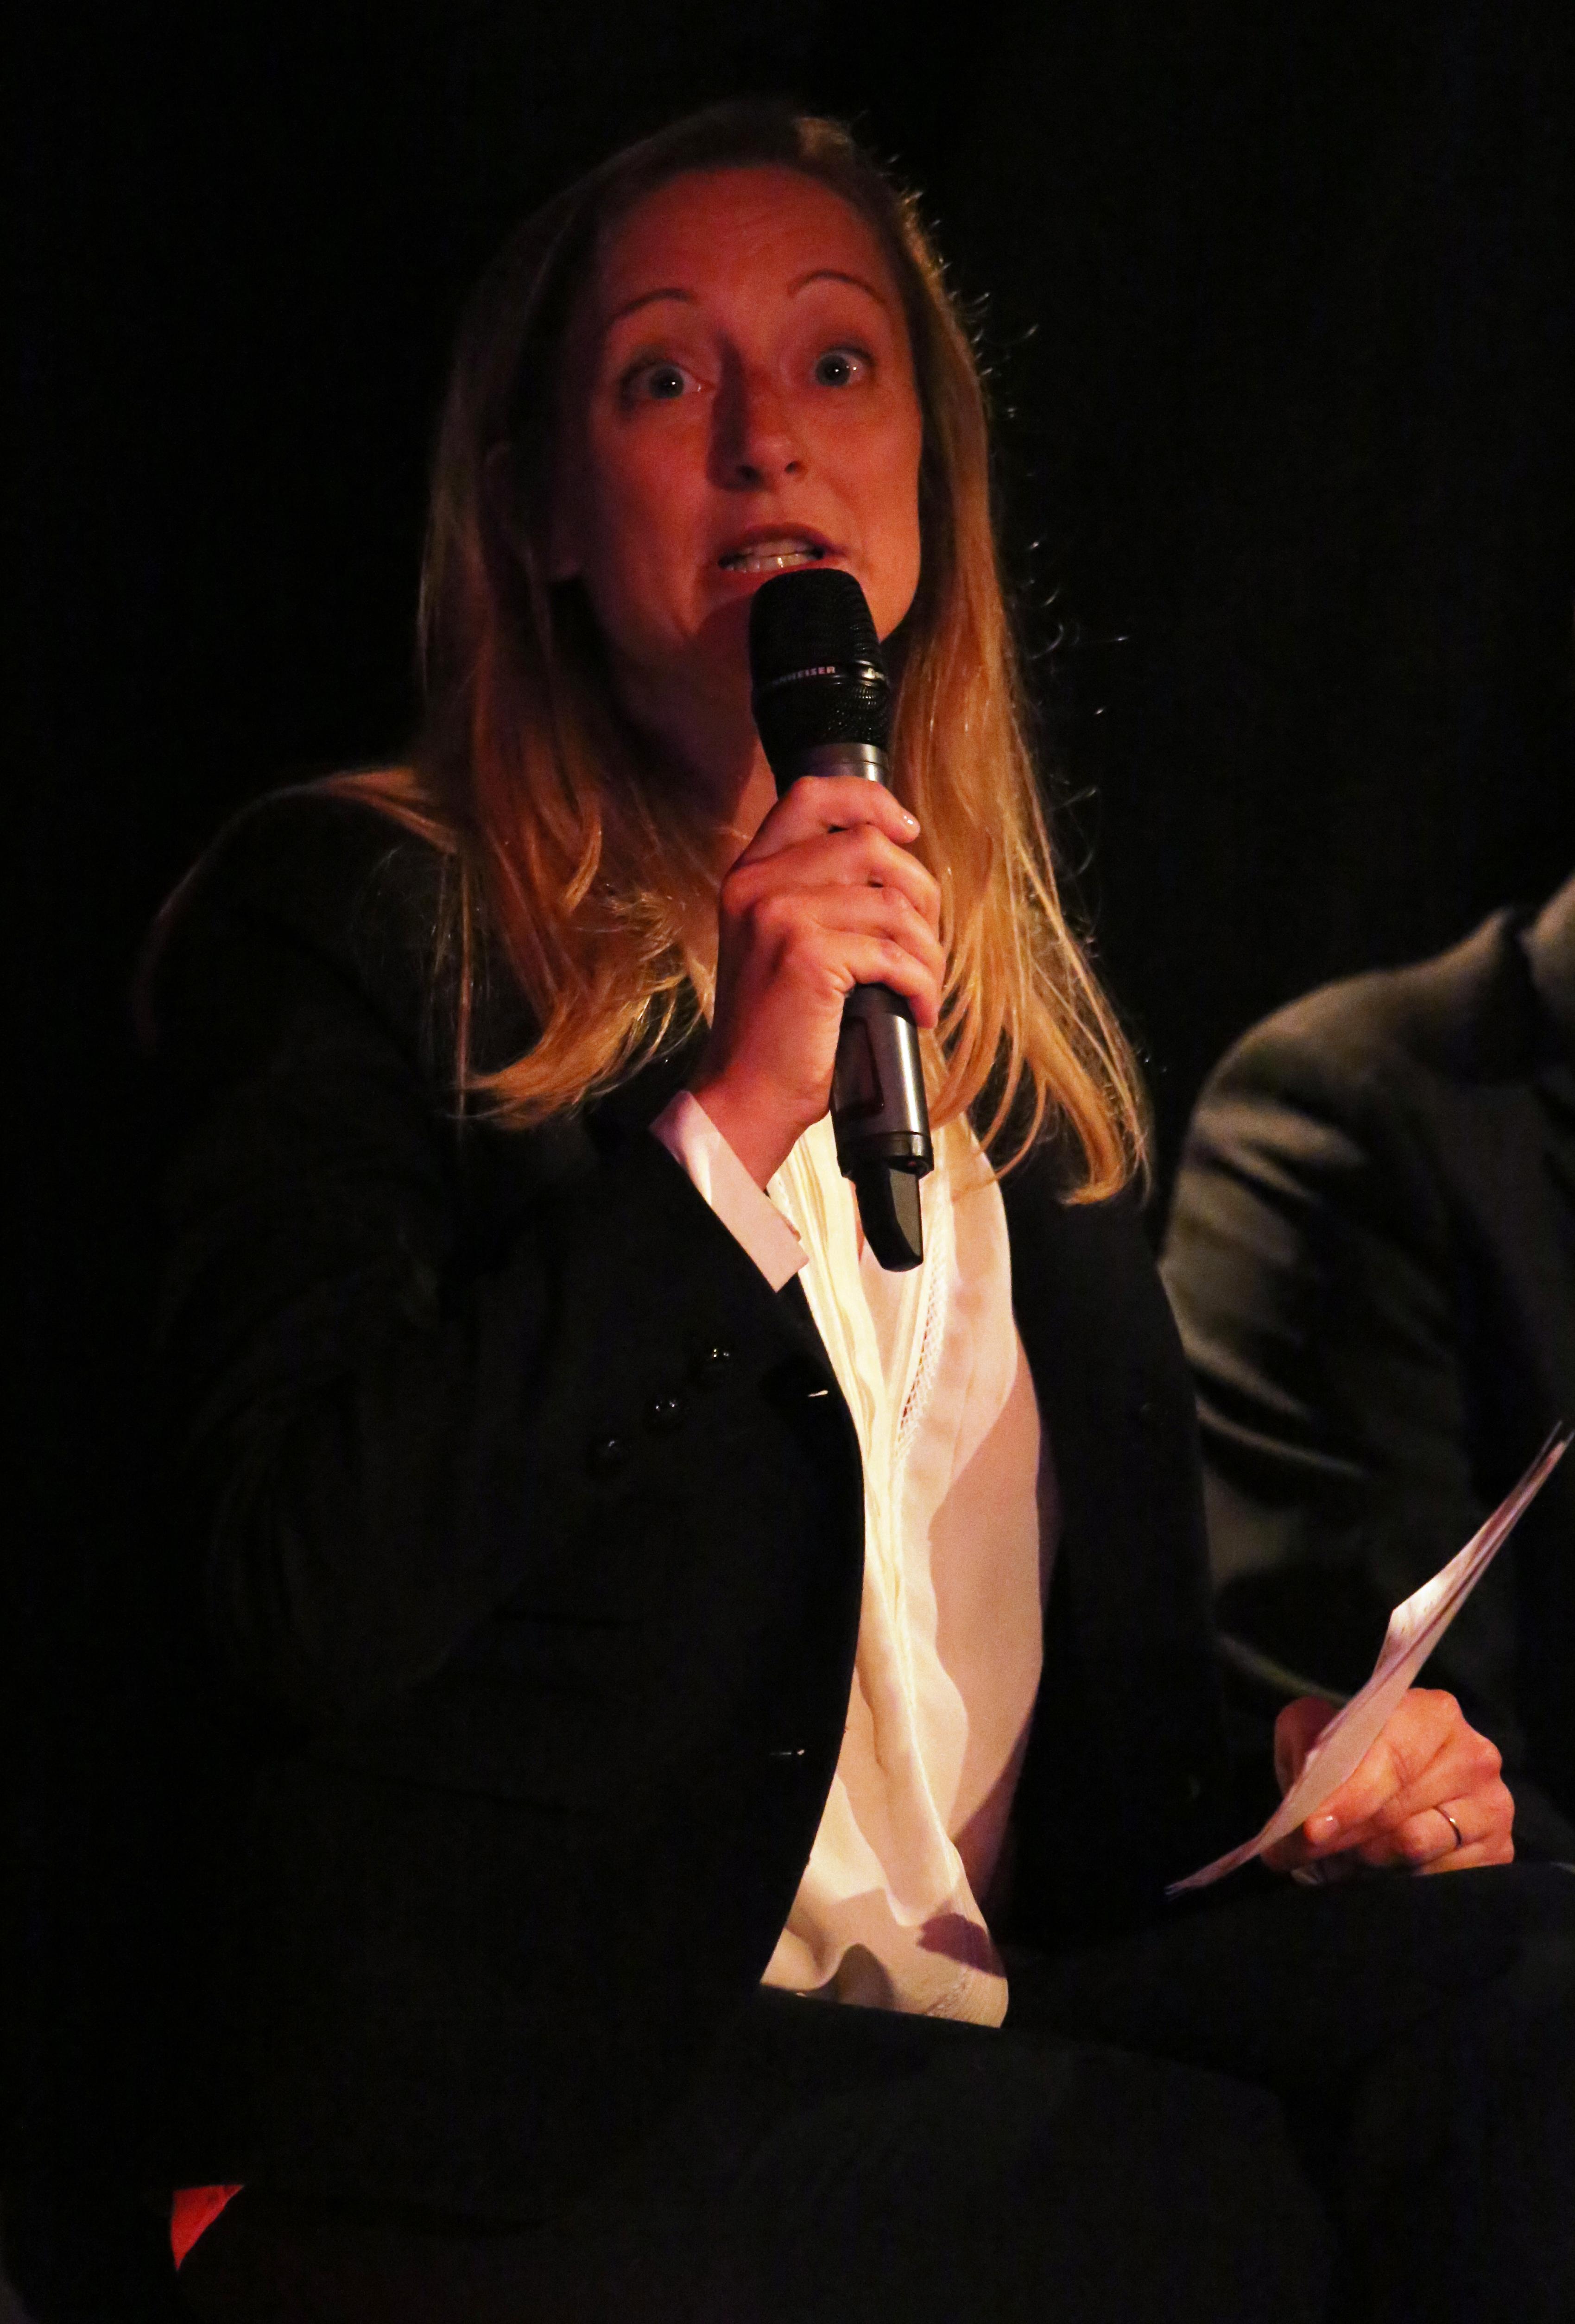 Claire Lénart, éditrice de Radio Classique. Photo © Serge Surpin